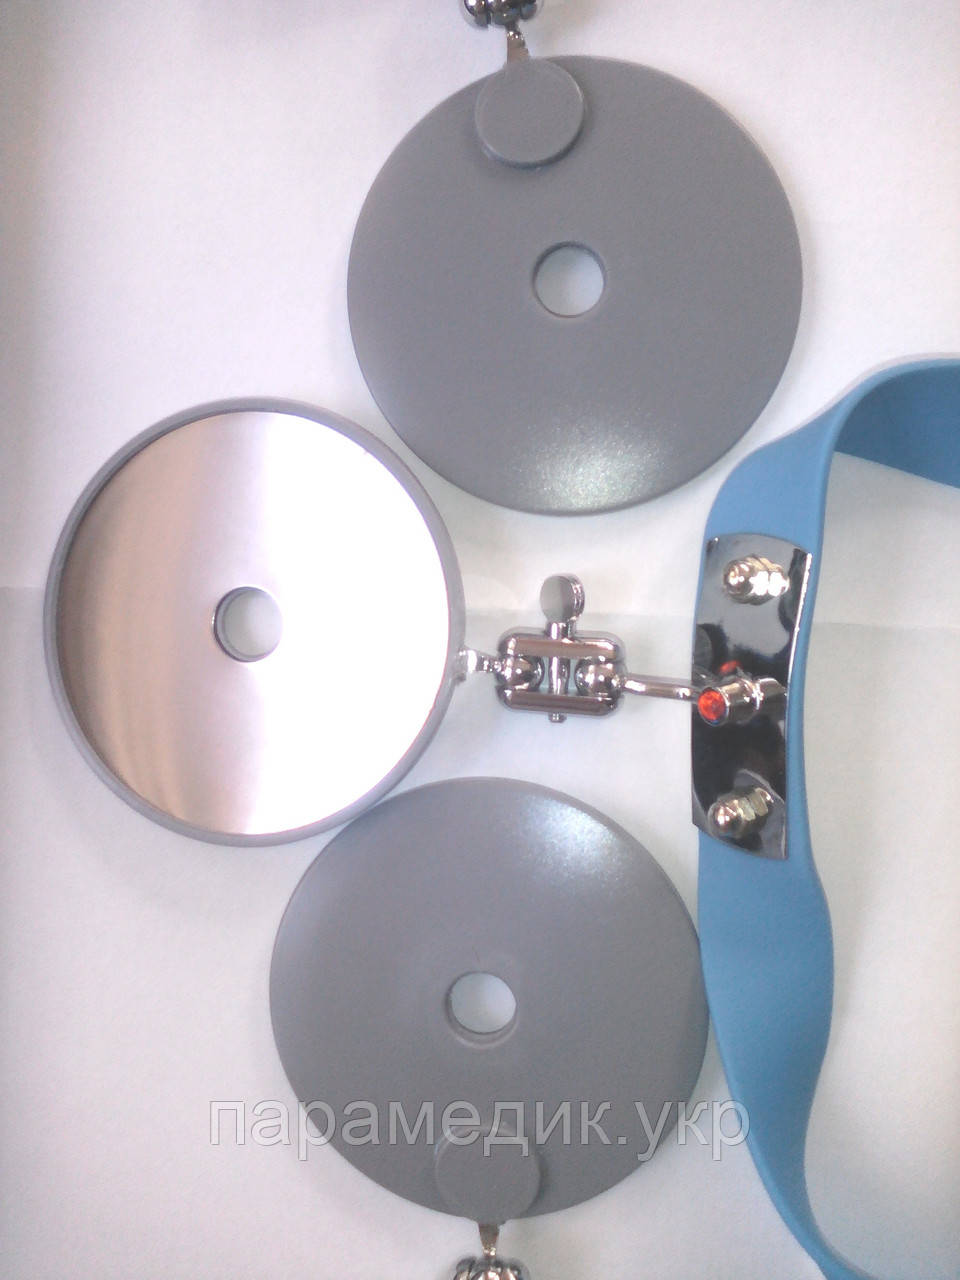 Рефлектор лобный на мягком оголовье (ободе) Уценка